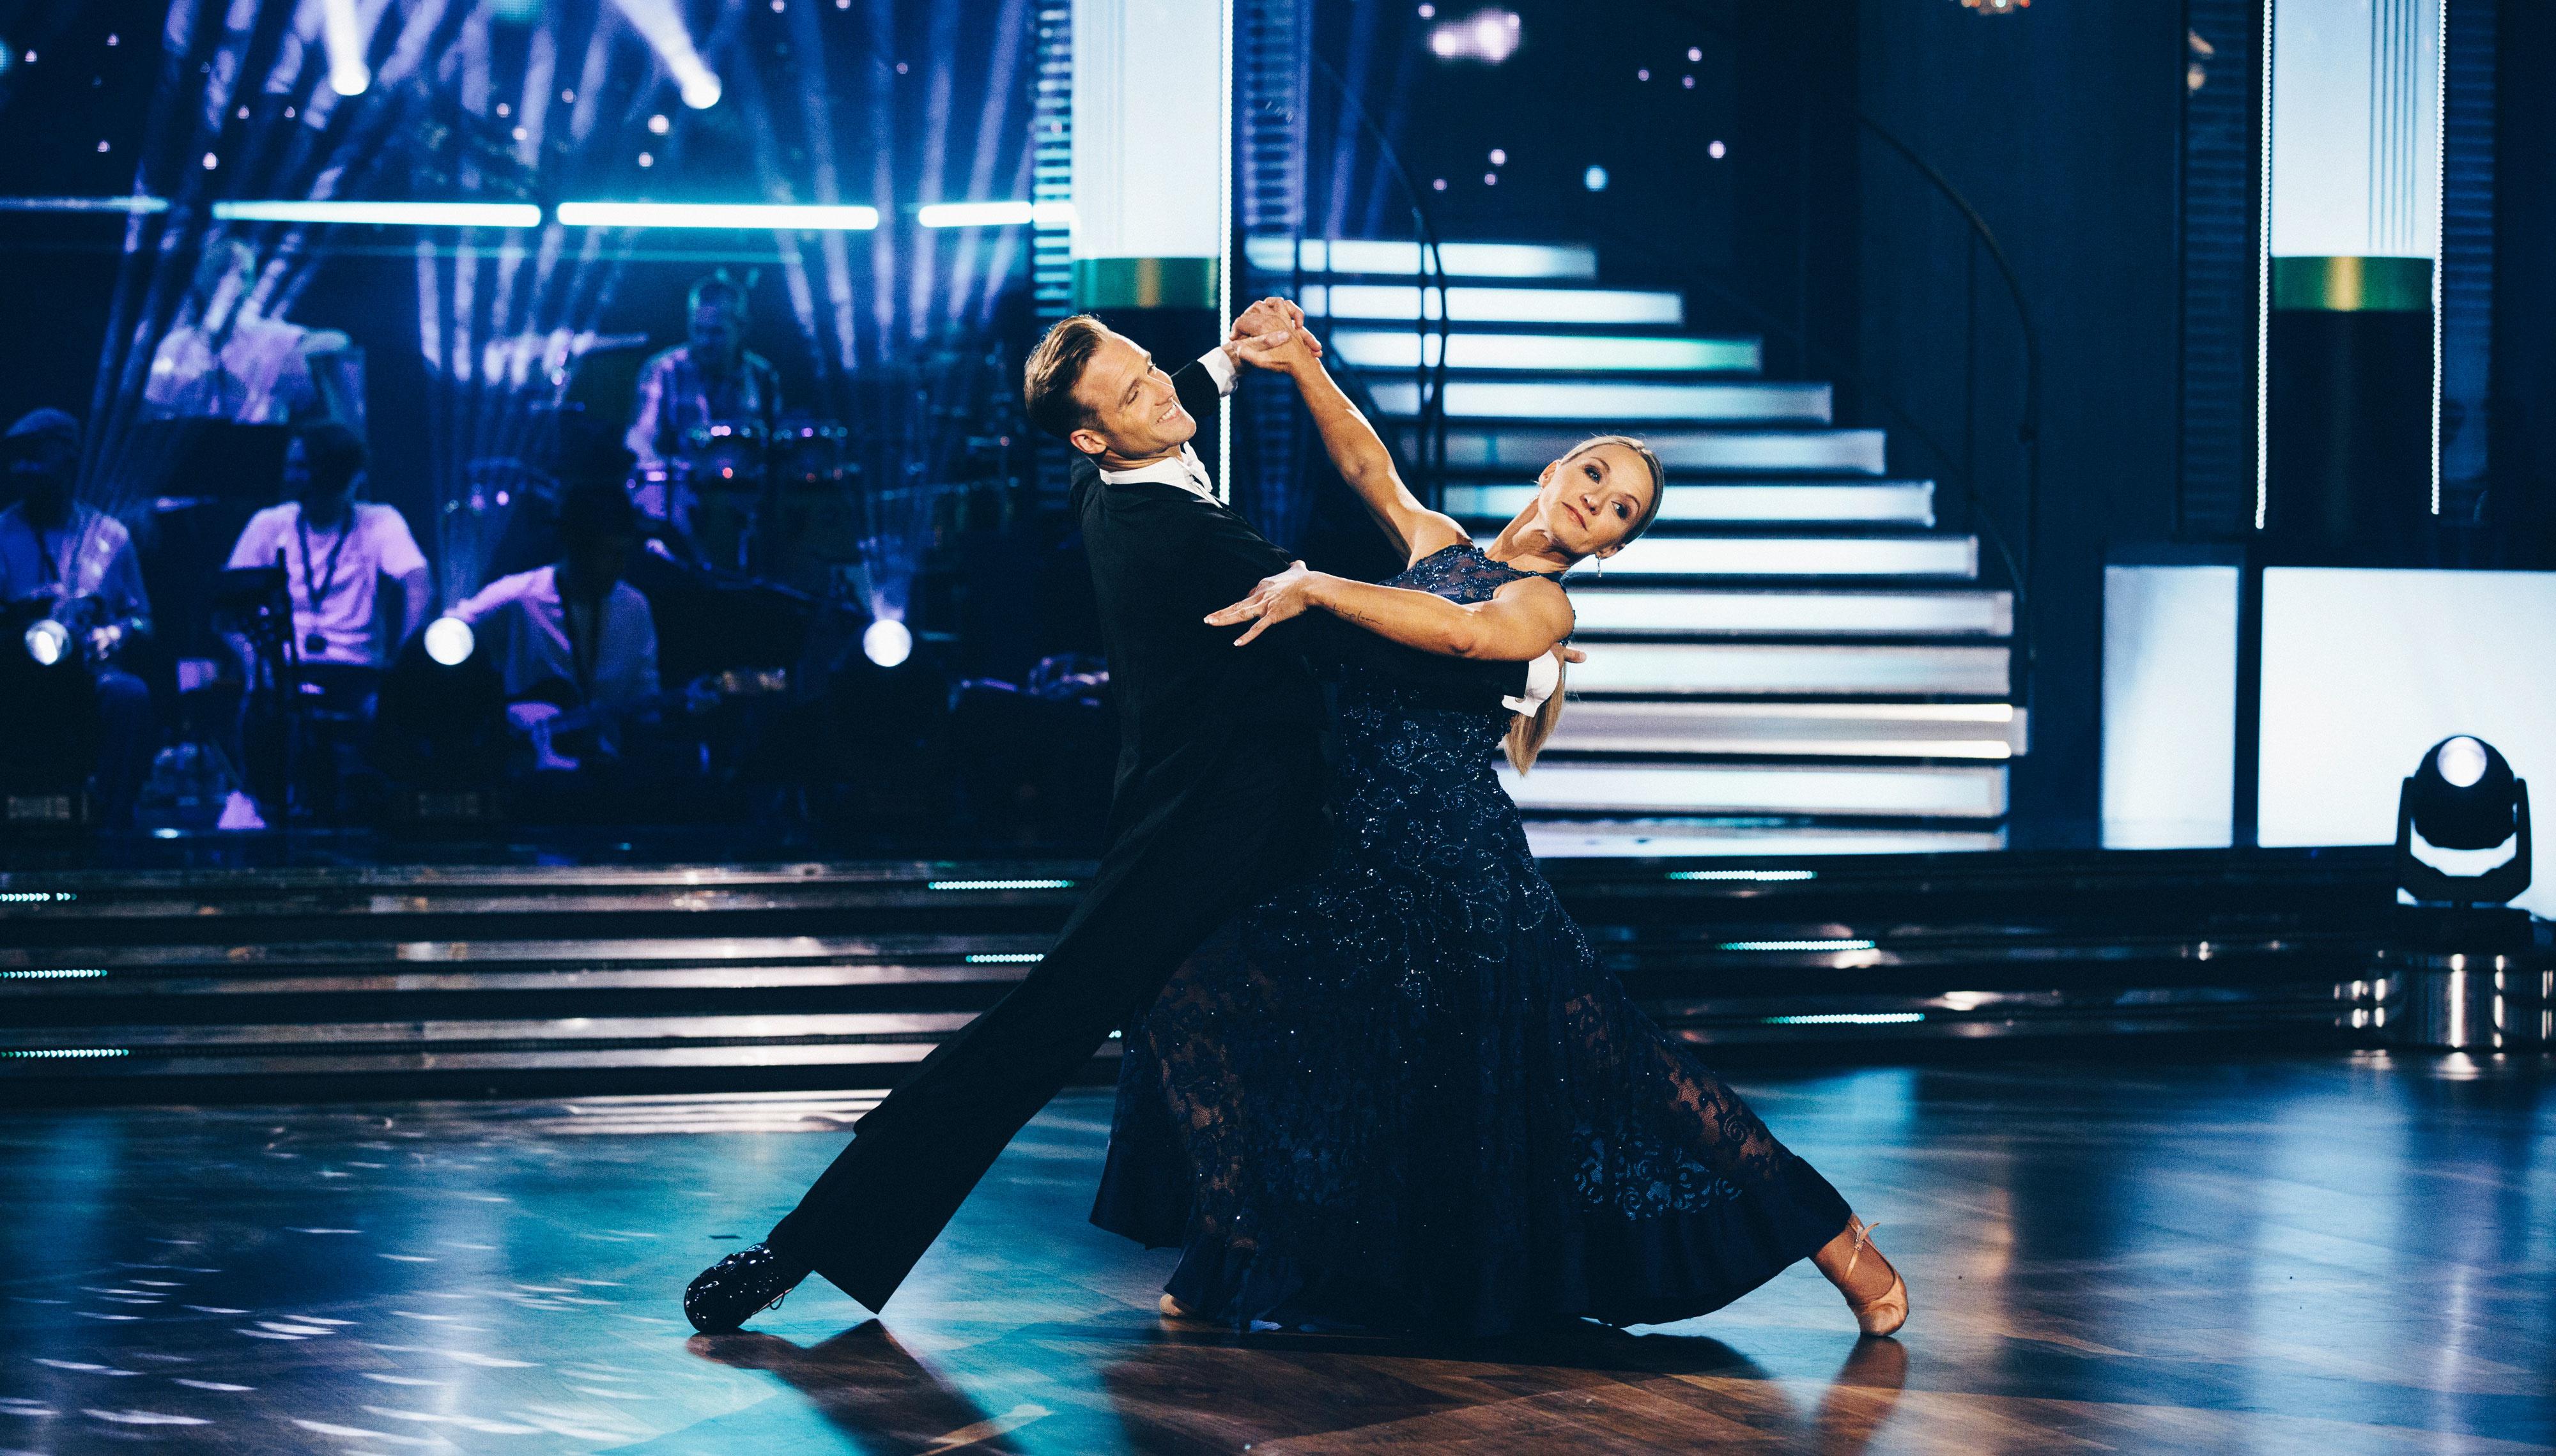 dejta en salsa dansare